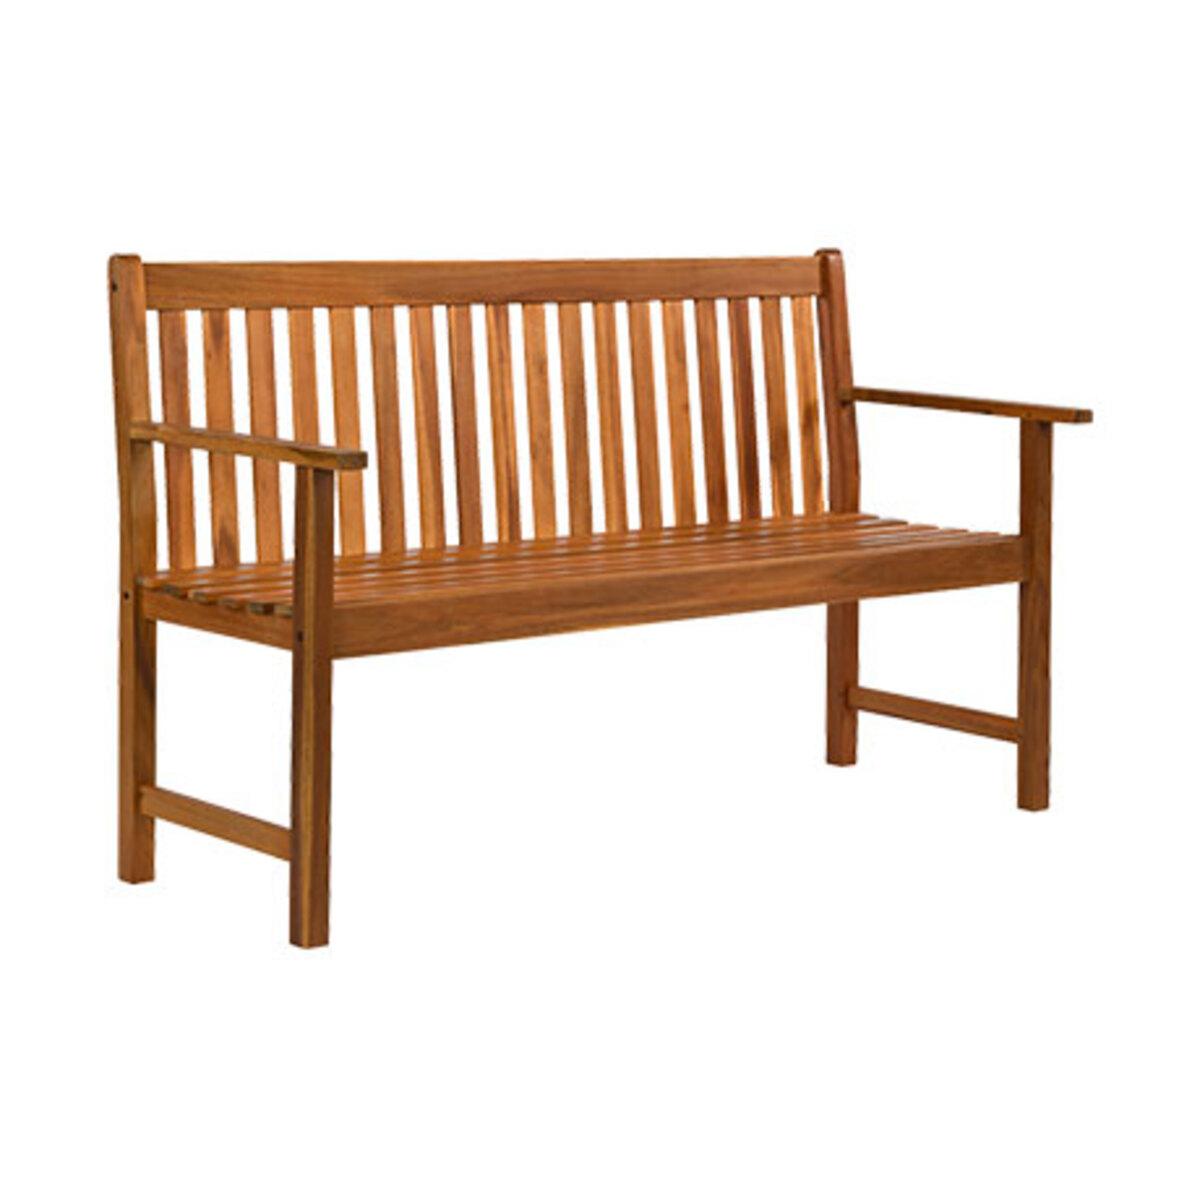 Bild 3 von Holzbank, 3-Sitzer1